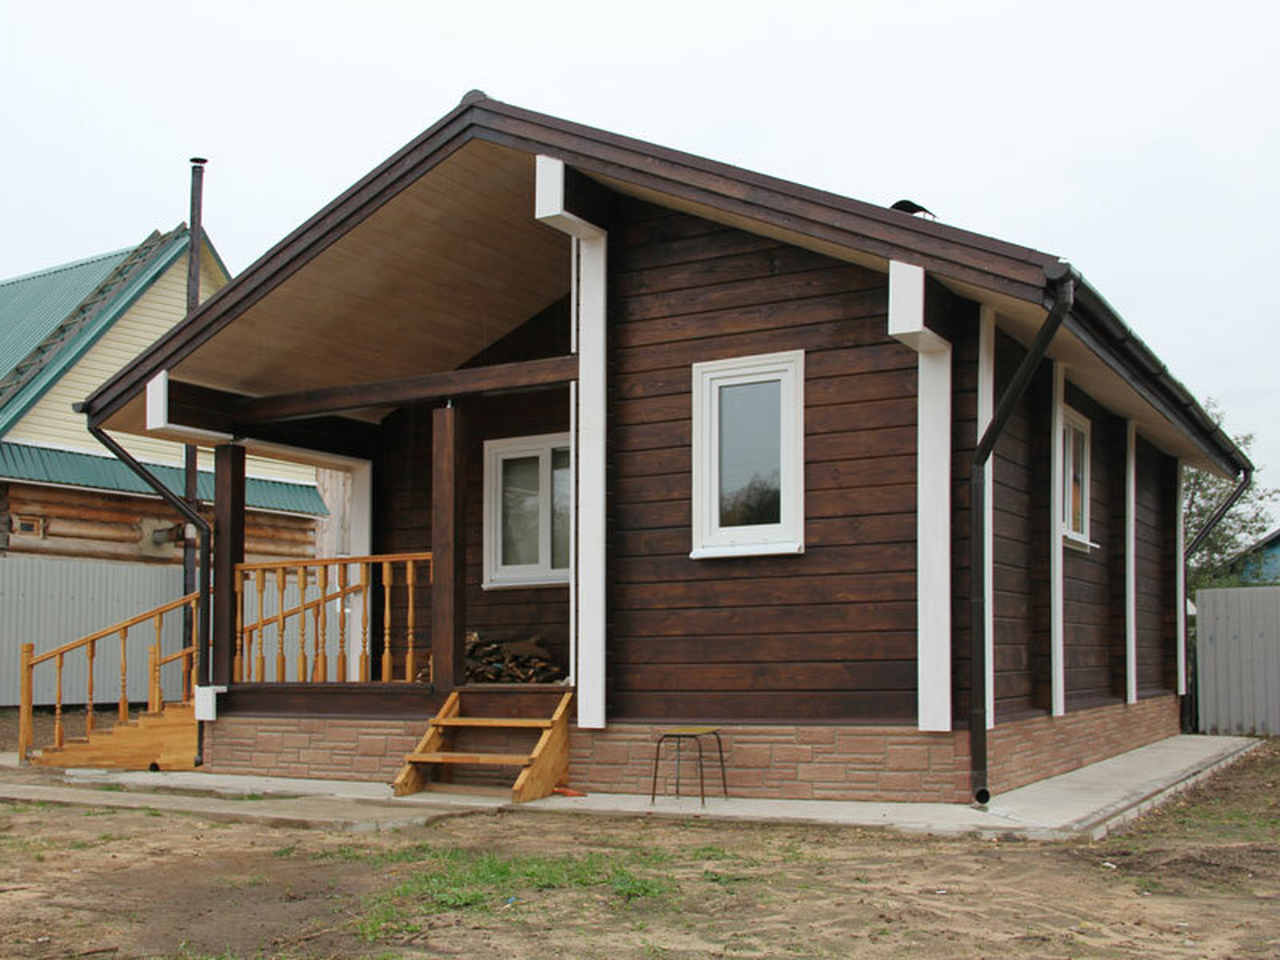 kahverengi ahşap prefabrik evin önden görünüşü